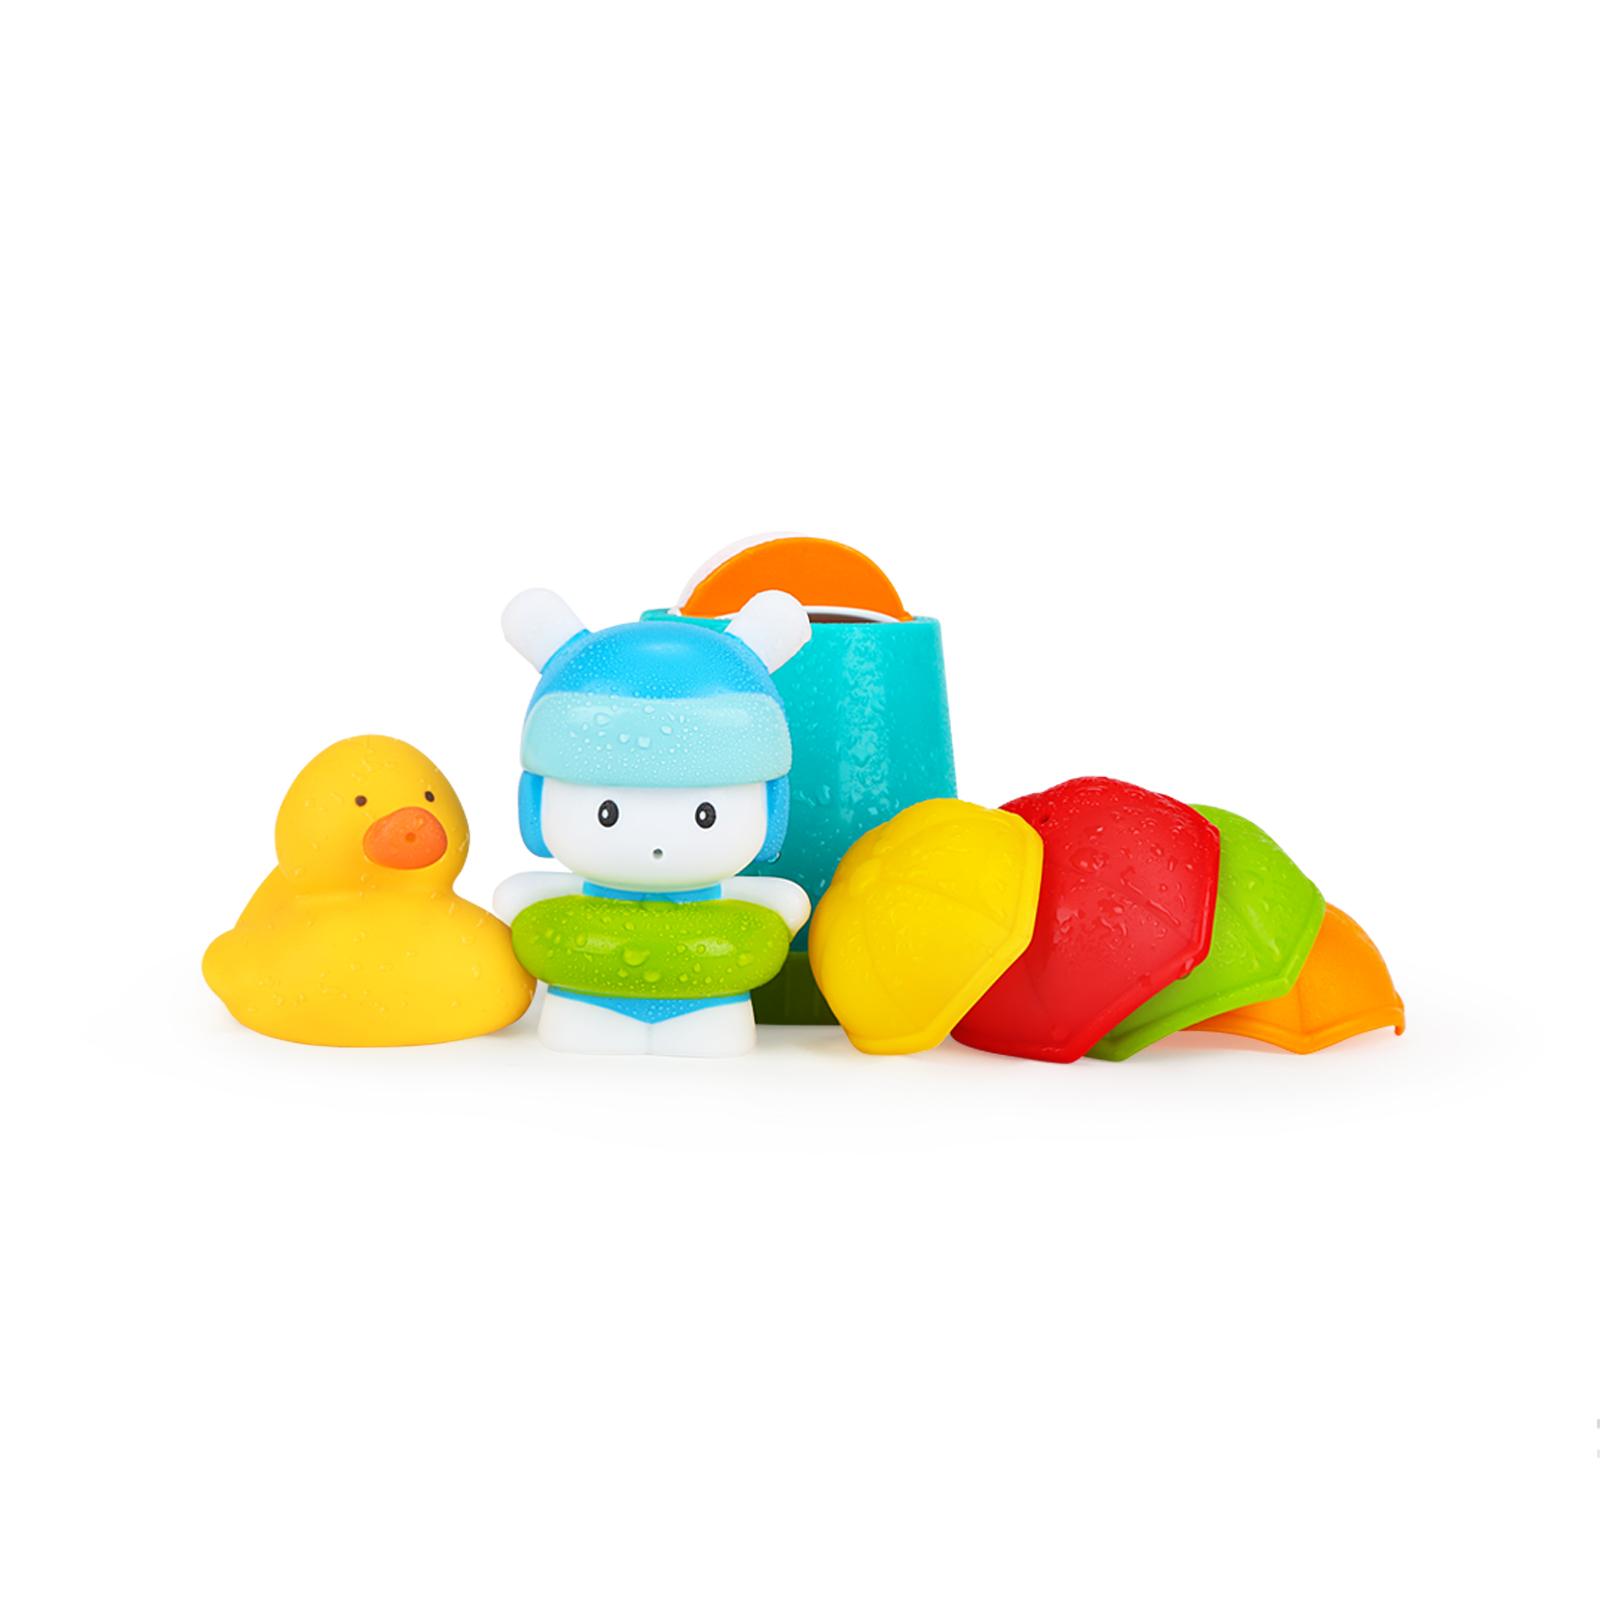 Купить Набор игрушек для ванны Xiaomi Mijia Mitu Hape Happy Play, 6 шт., Игрушки для купания